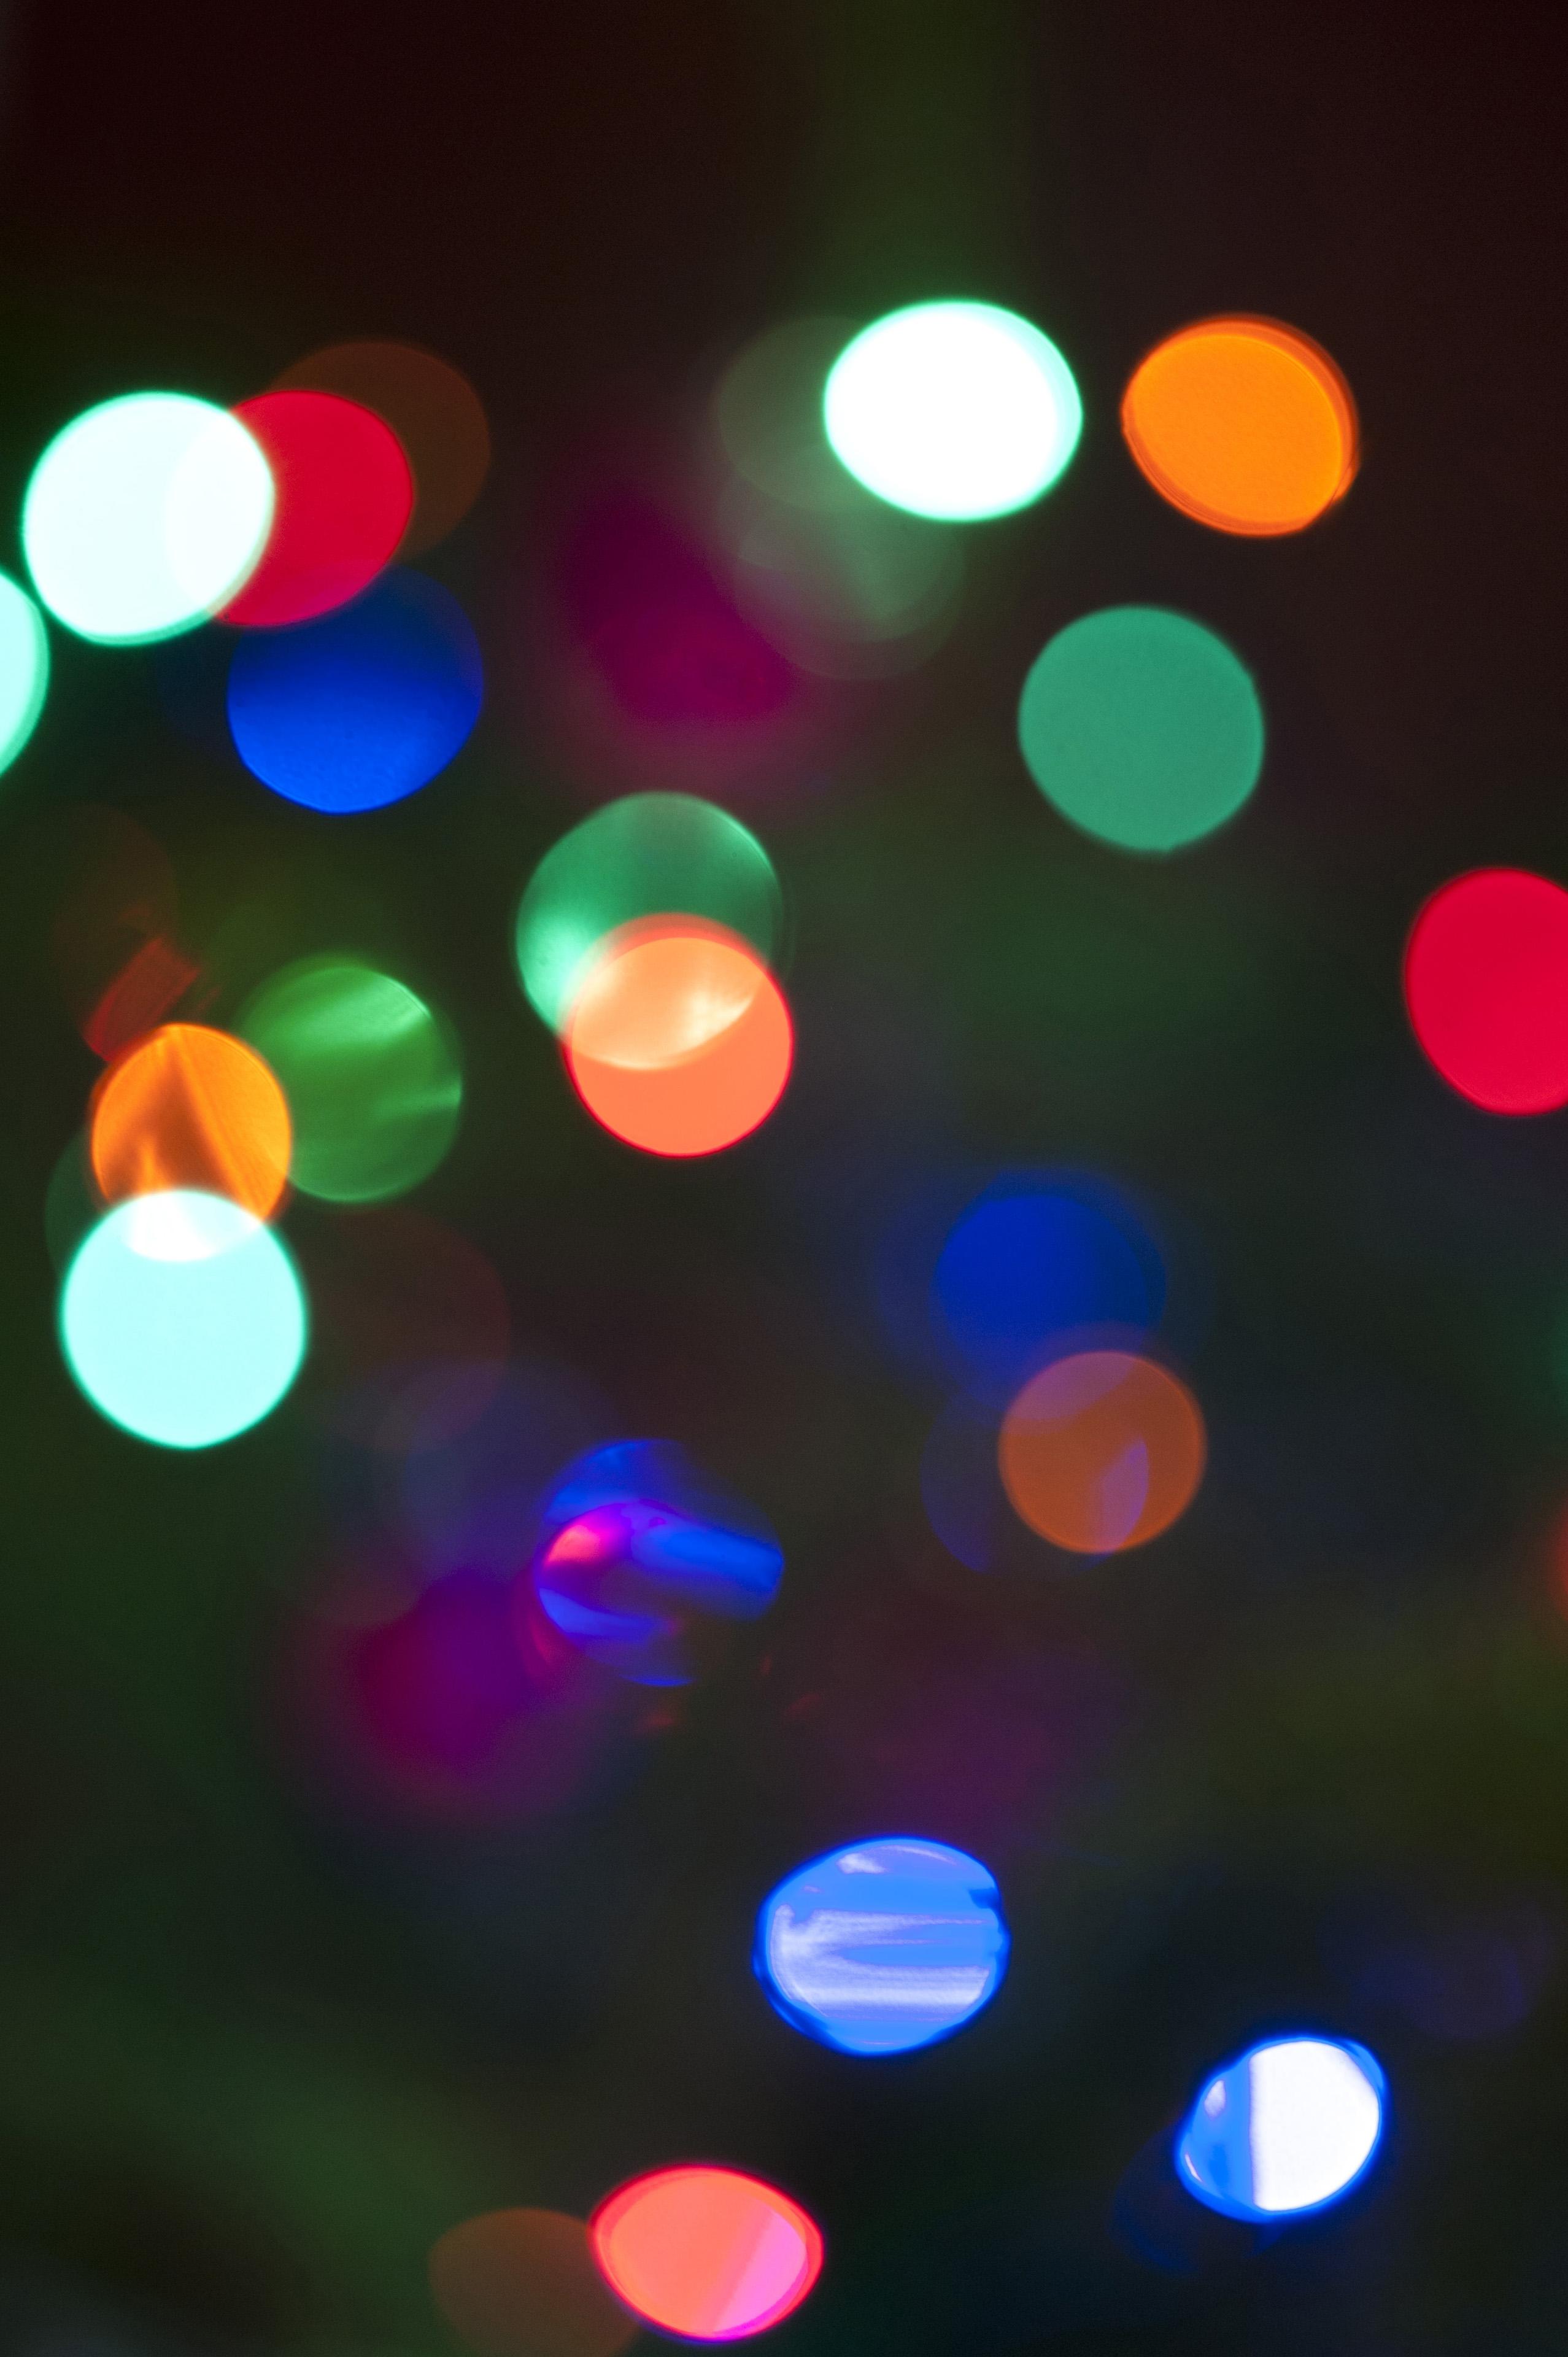 Image Result For Light Color Background